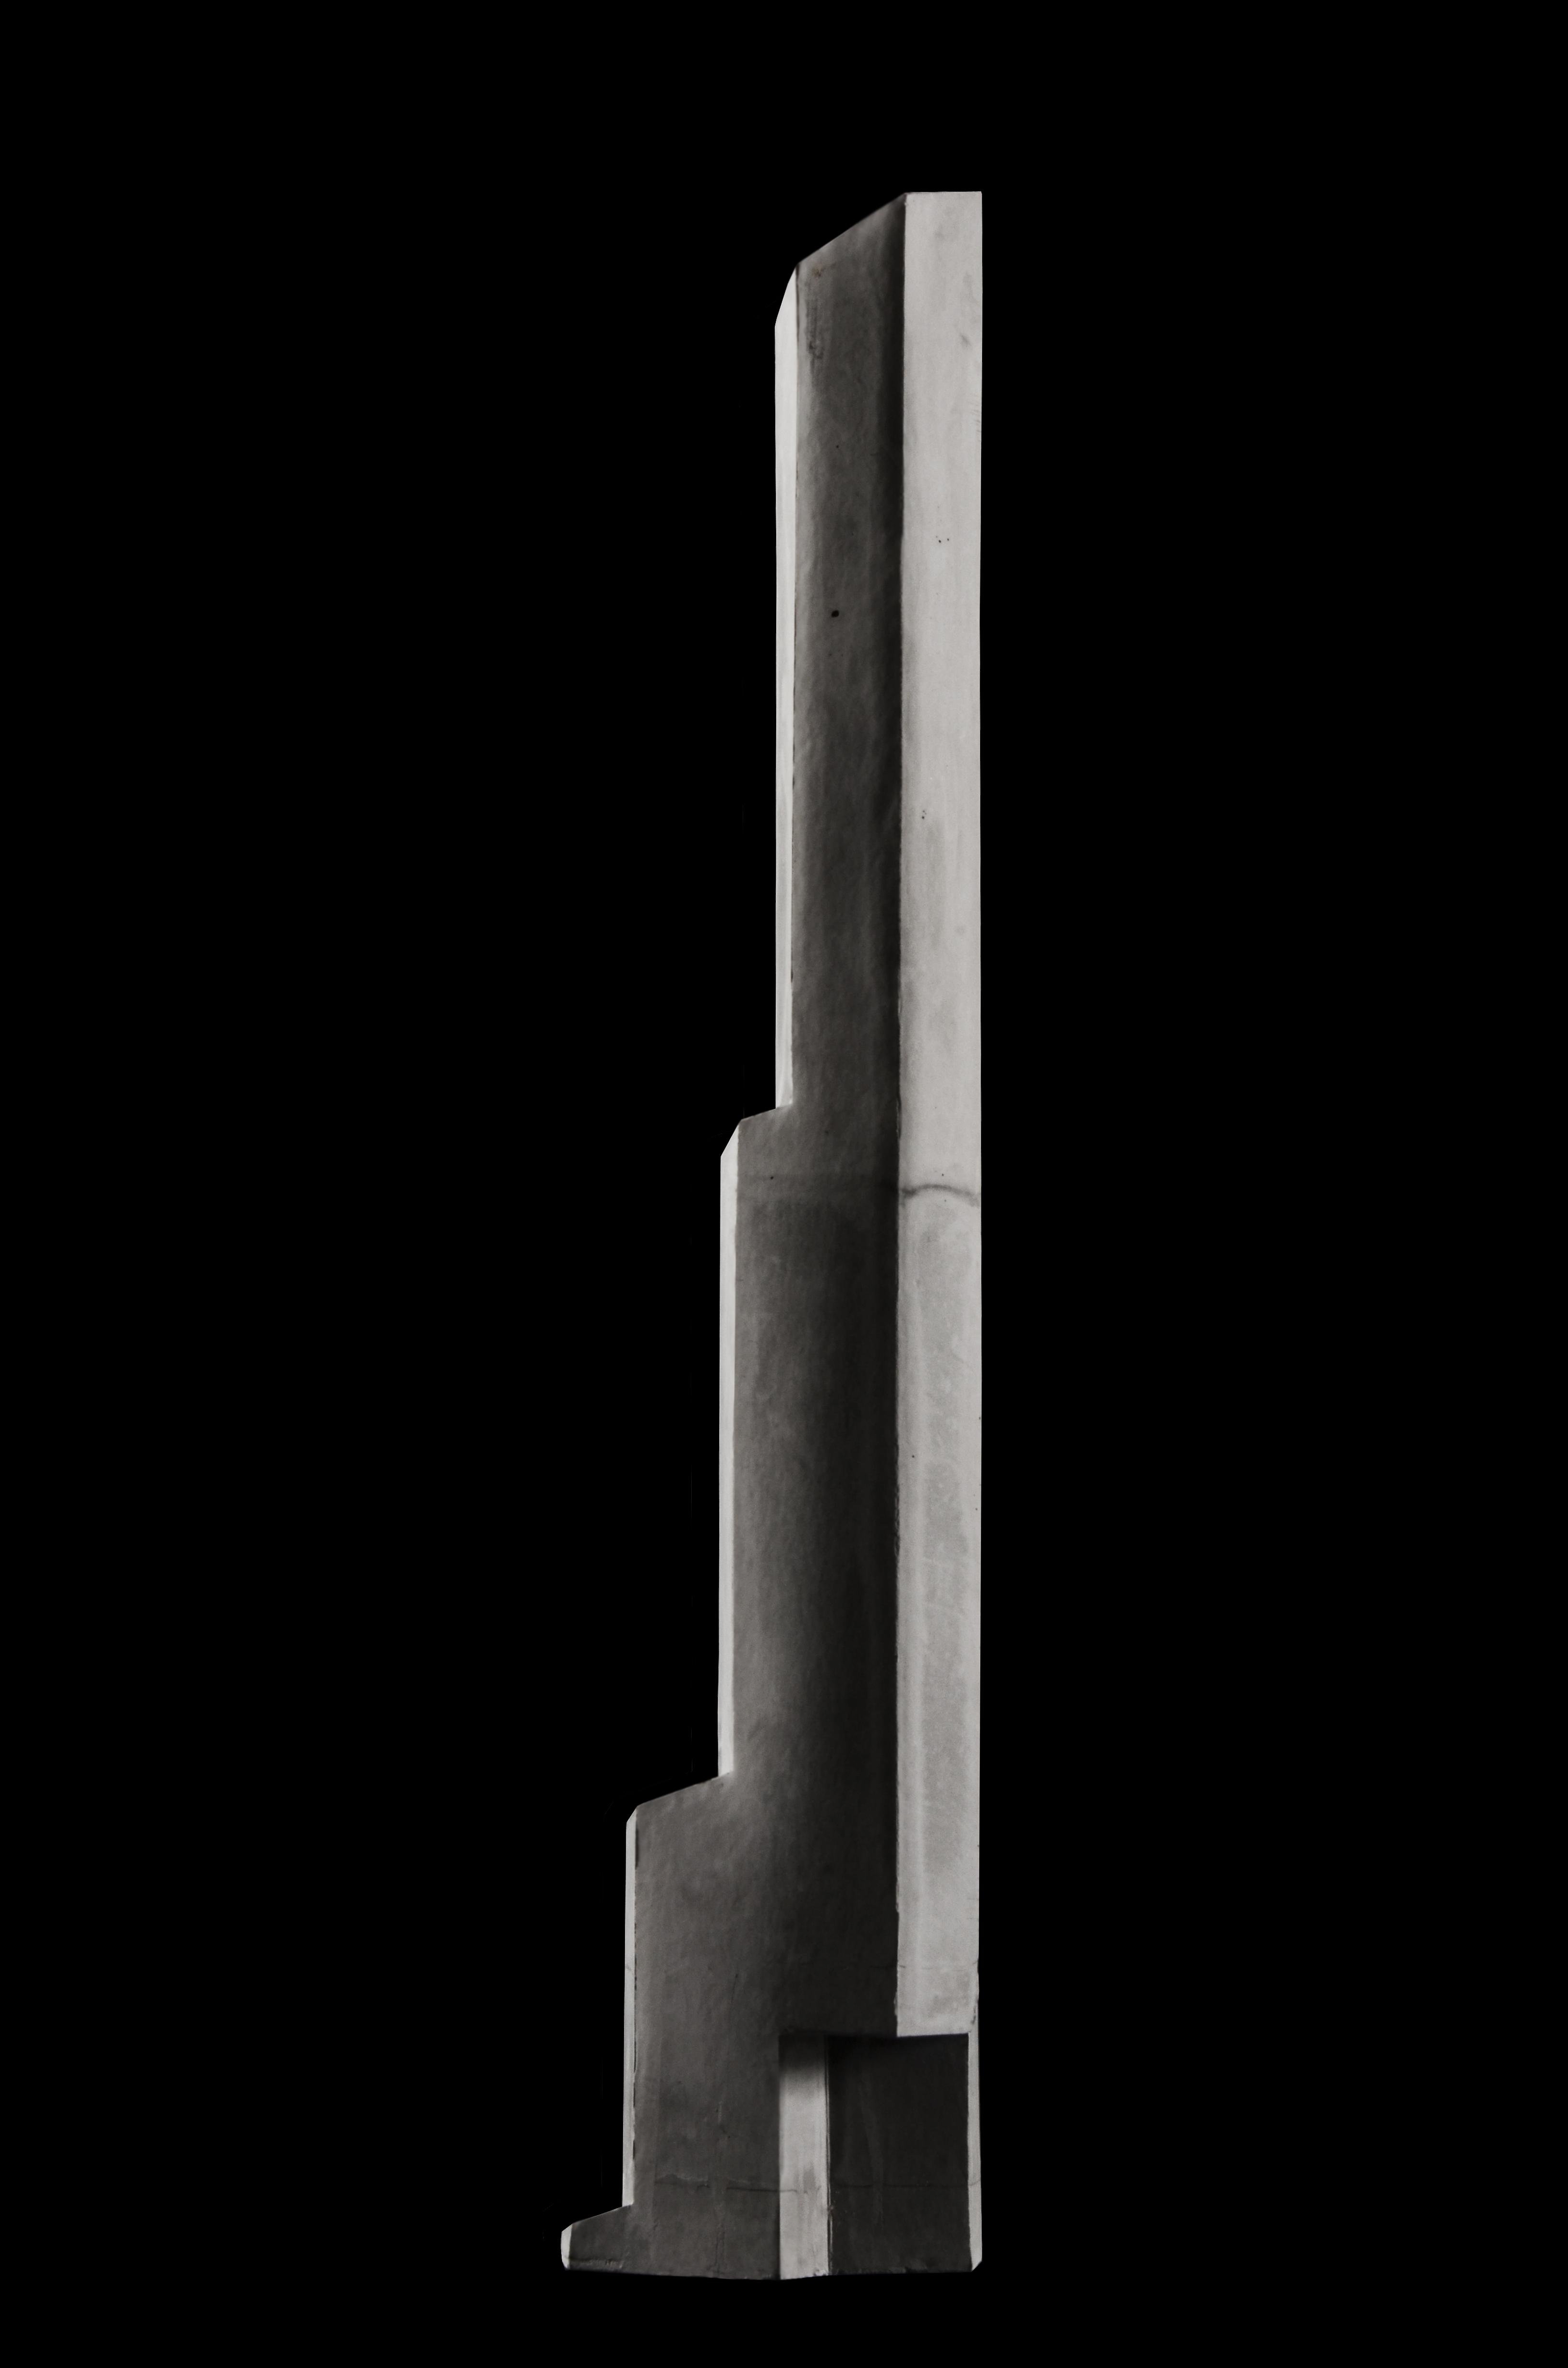 TOWER-MANHATTAN-TEXAS A&M-6